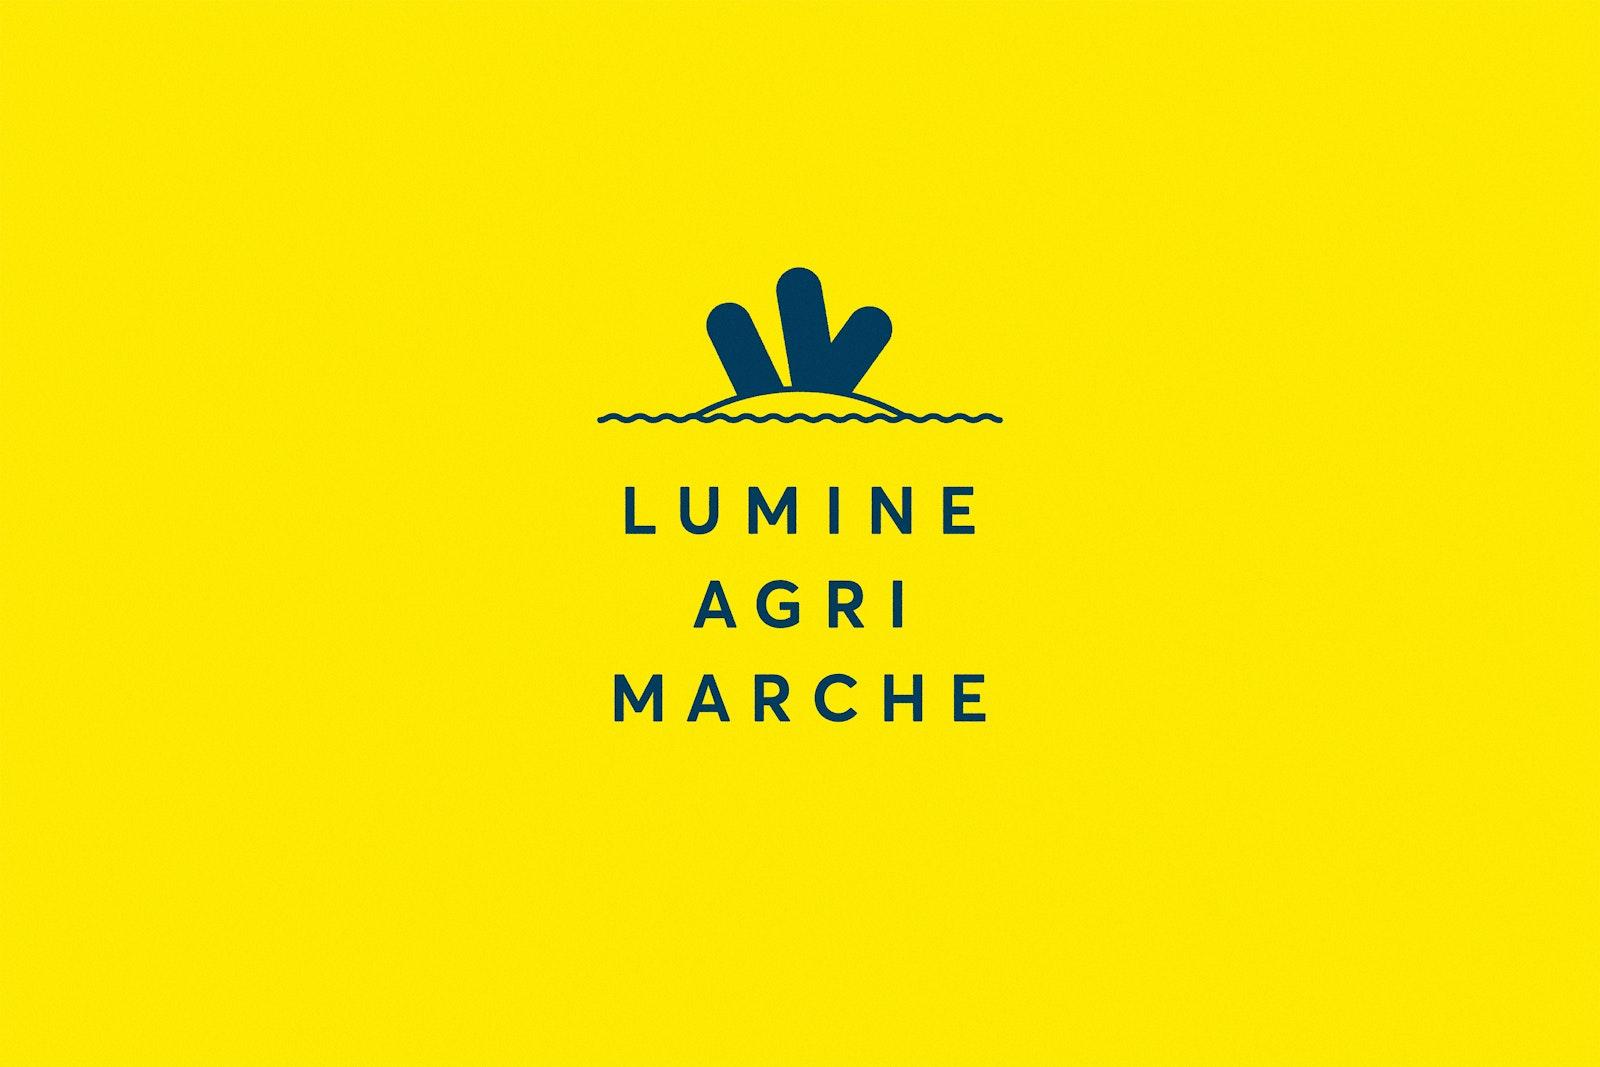 Lumine Agri Marche